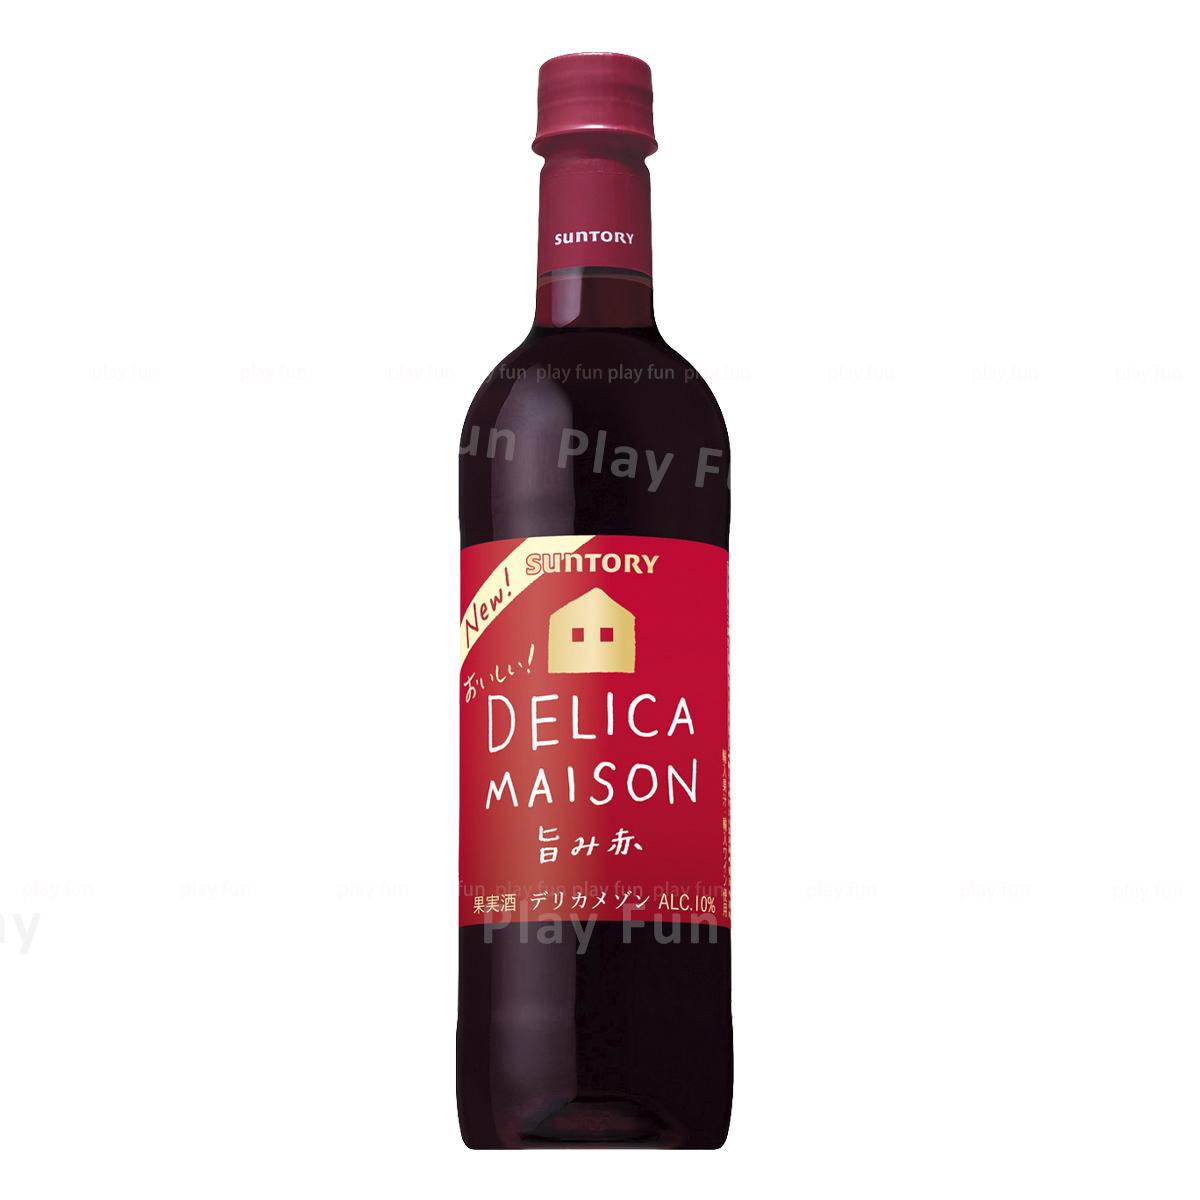 三得利 - DELICA MAISON 紅酒